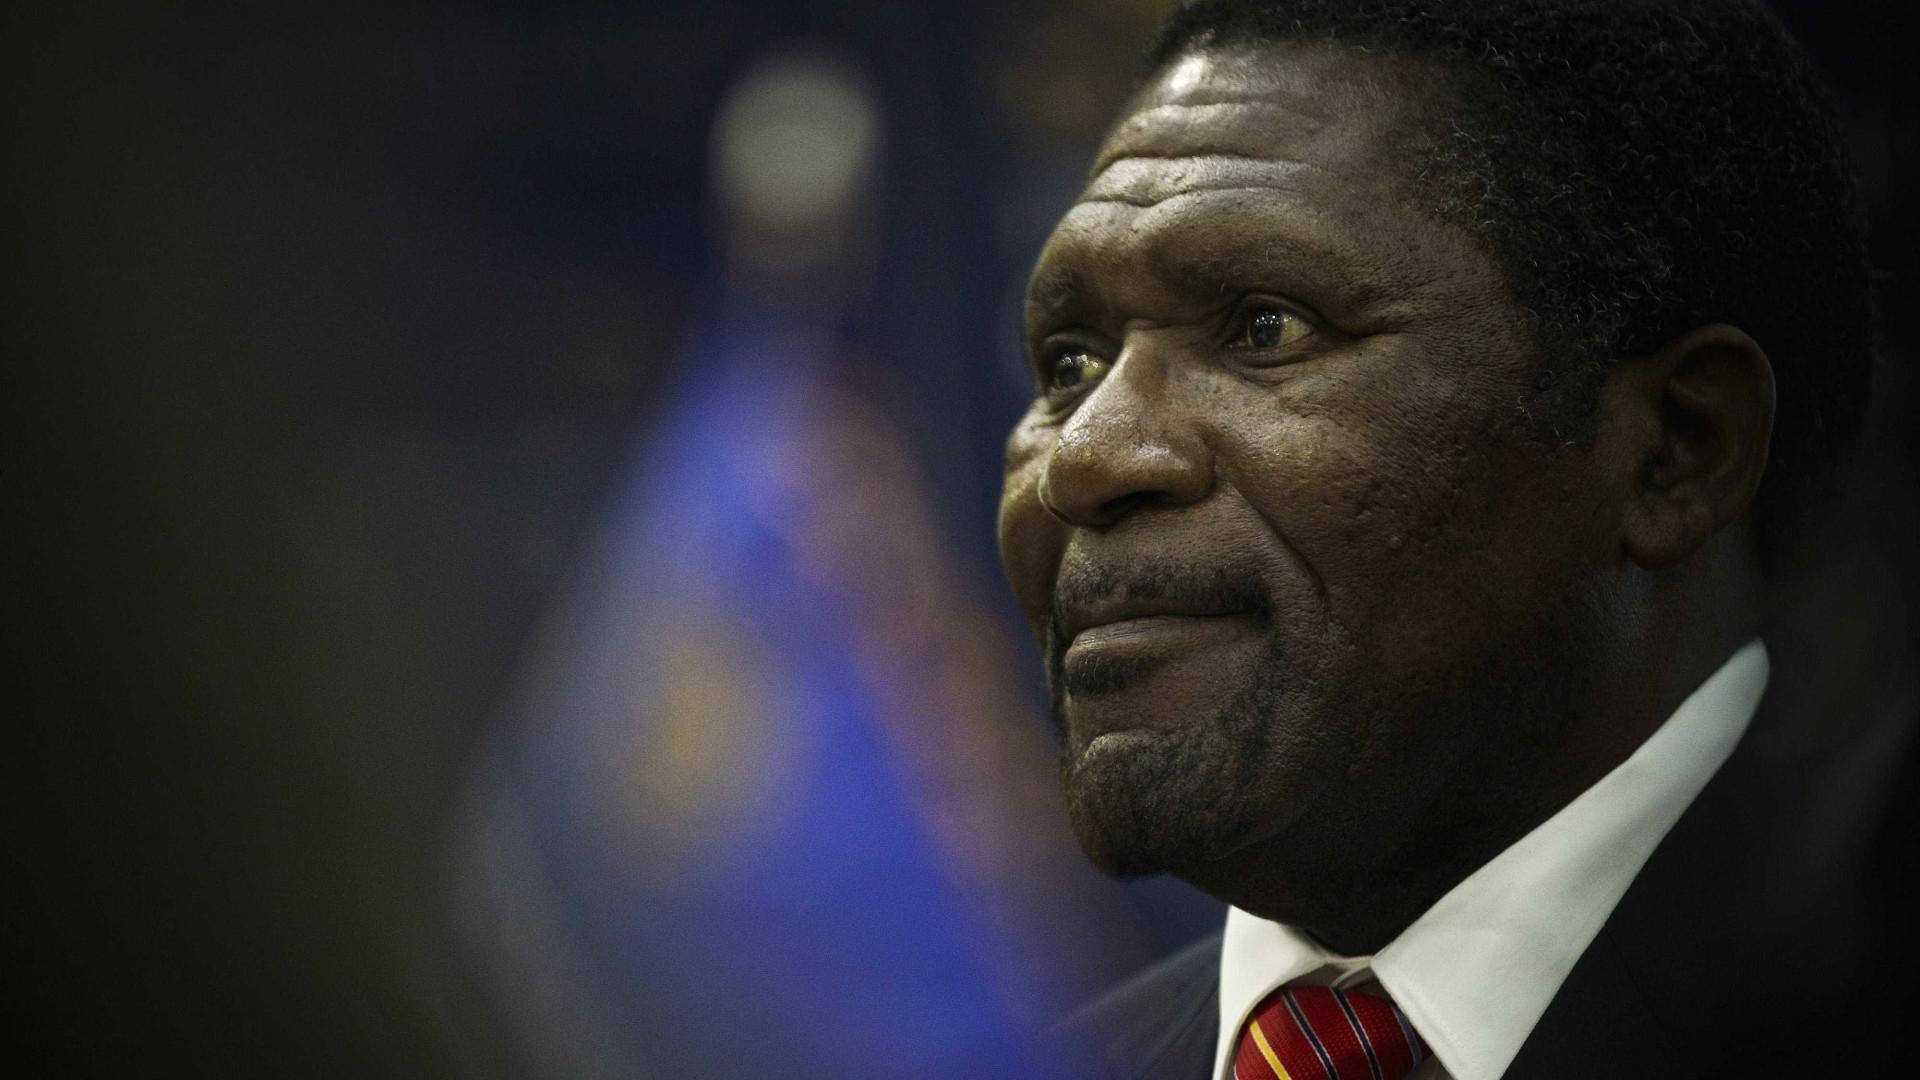 Candidato da UNITA não quer visitas de políticos lusos antes das eleições